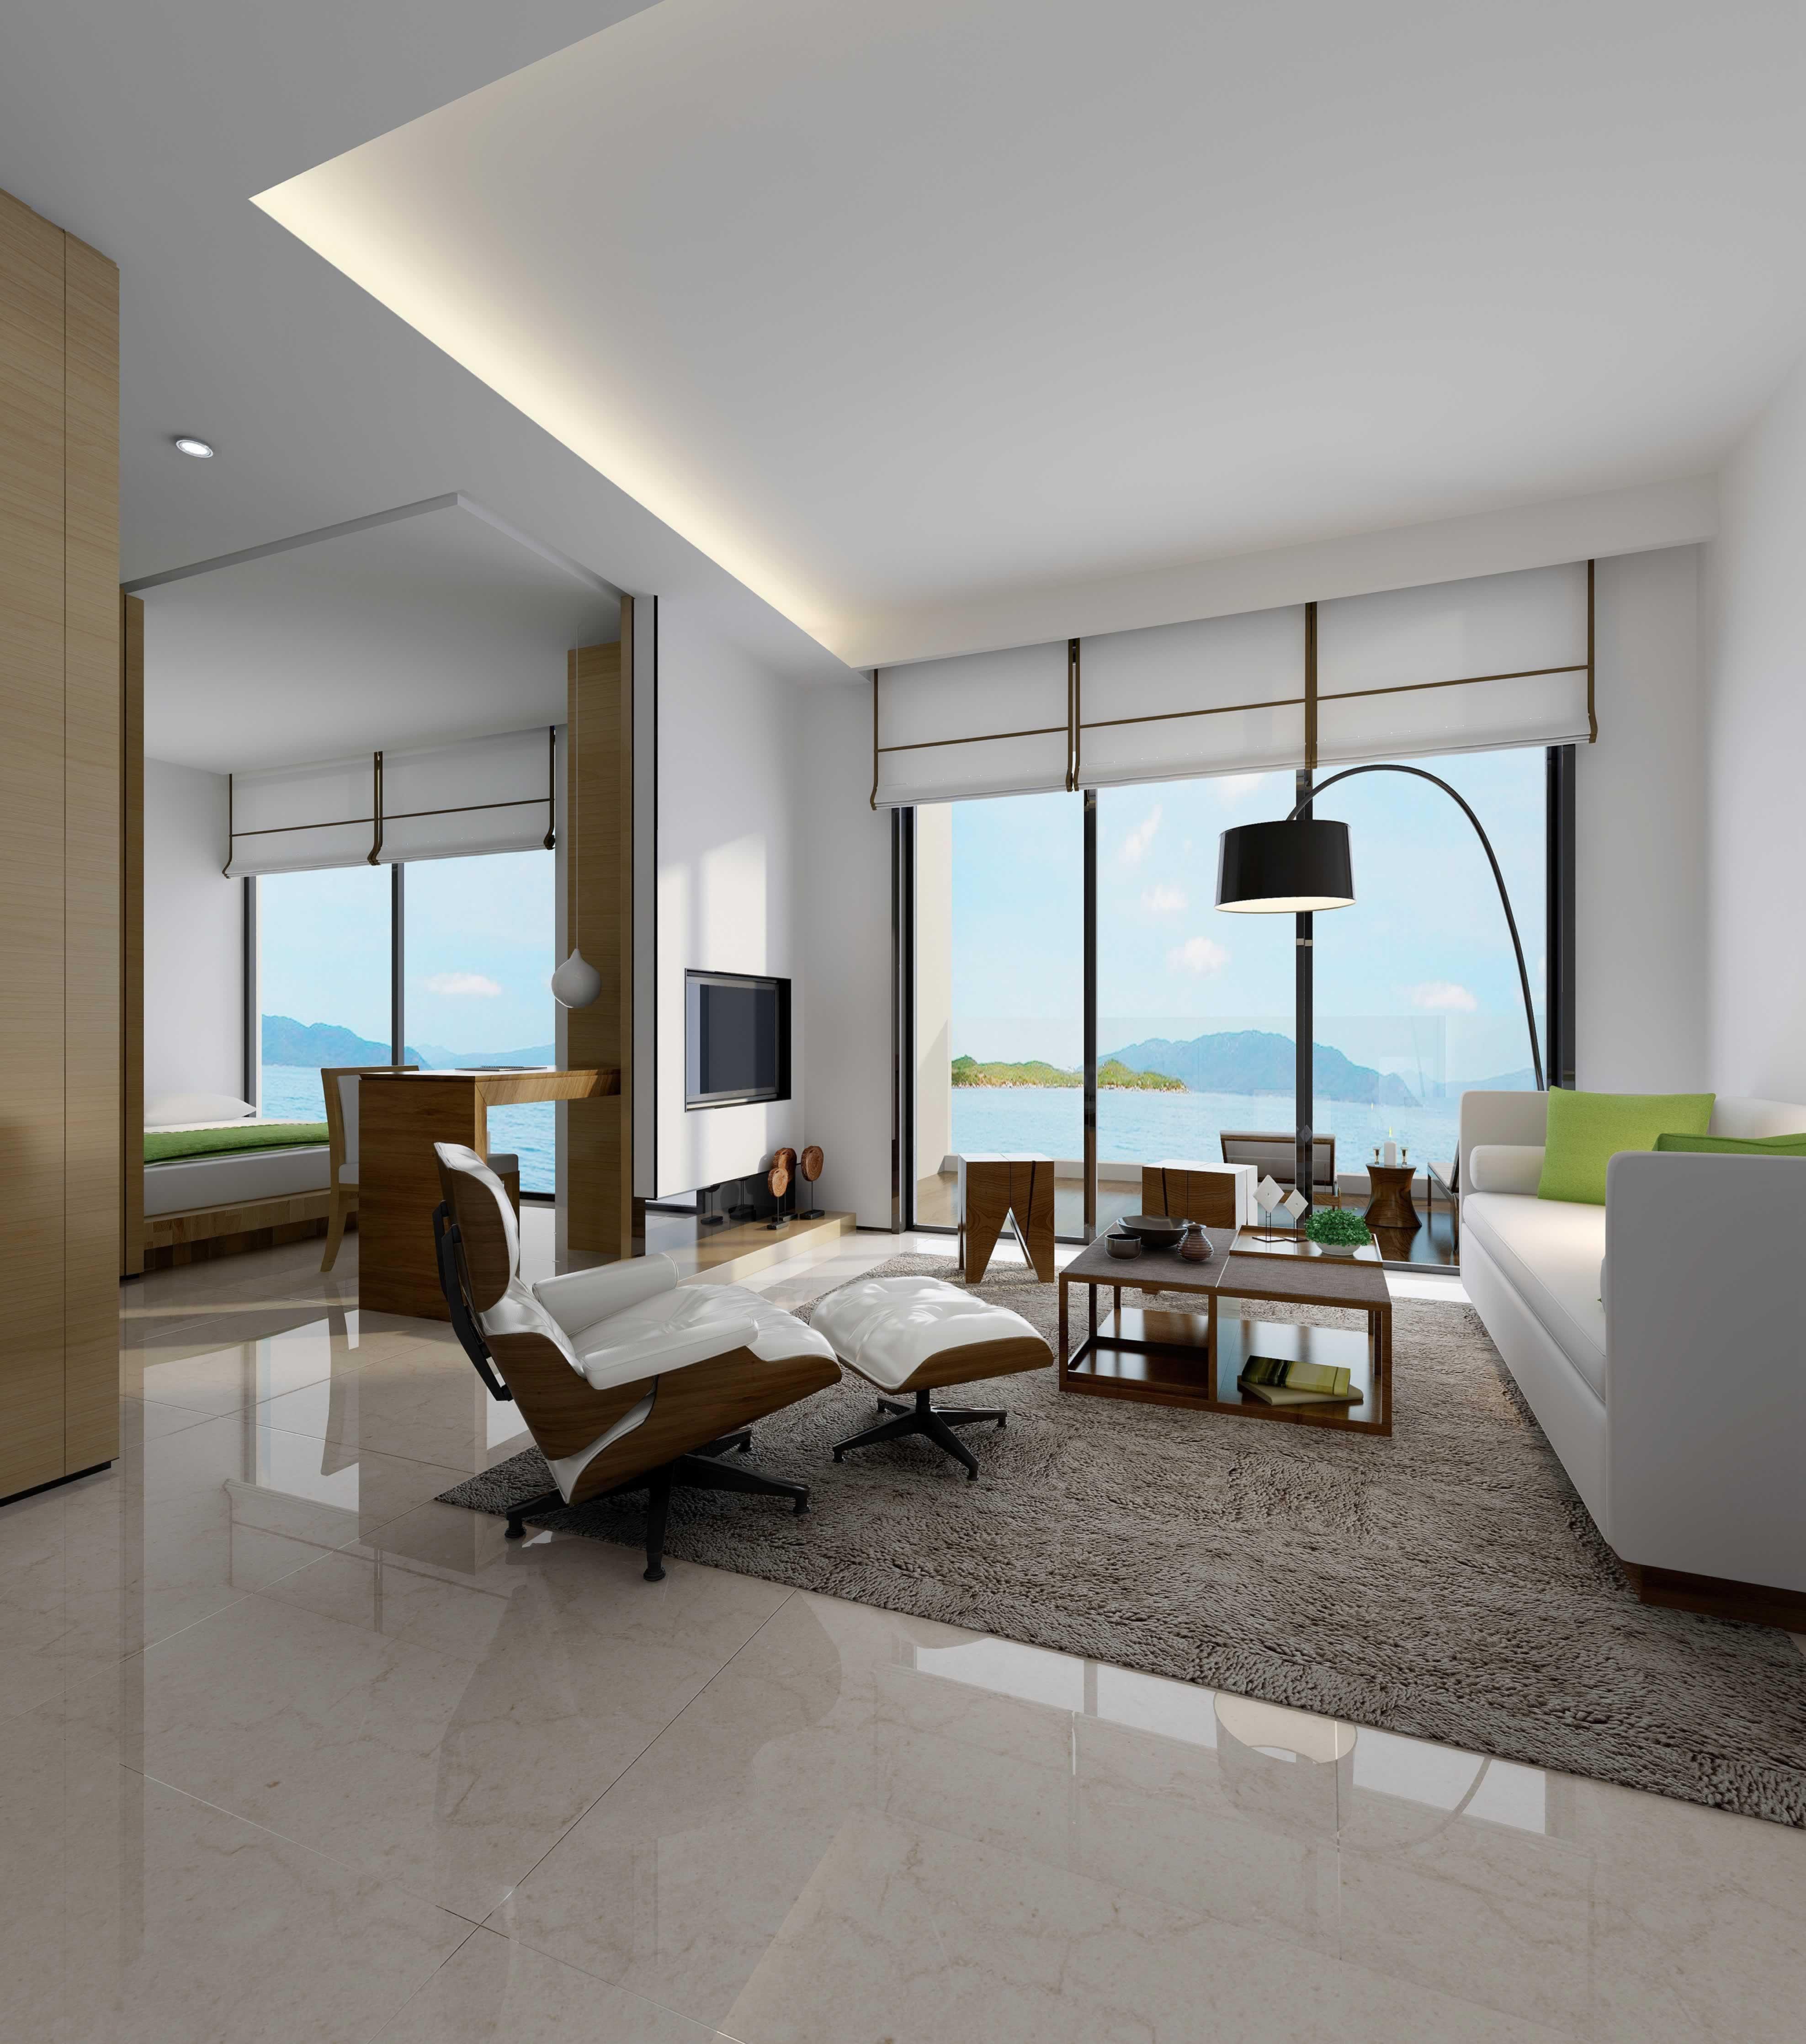 简约风格客厅效果图大全 简约风格客厅图片